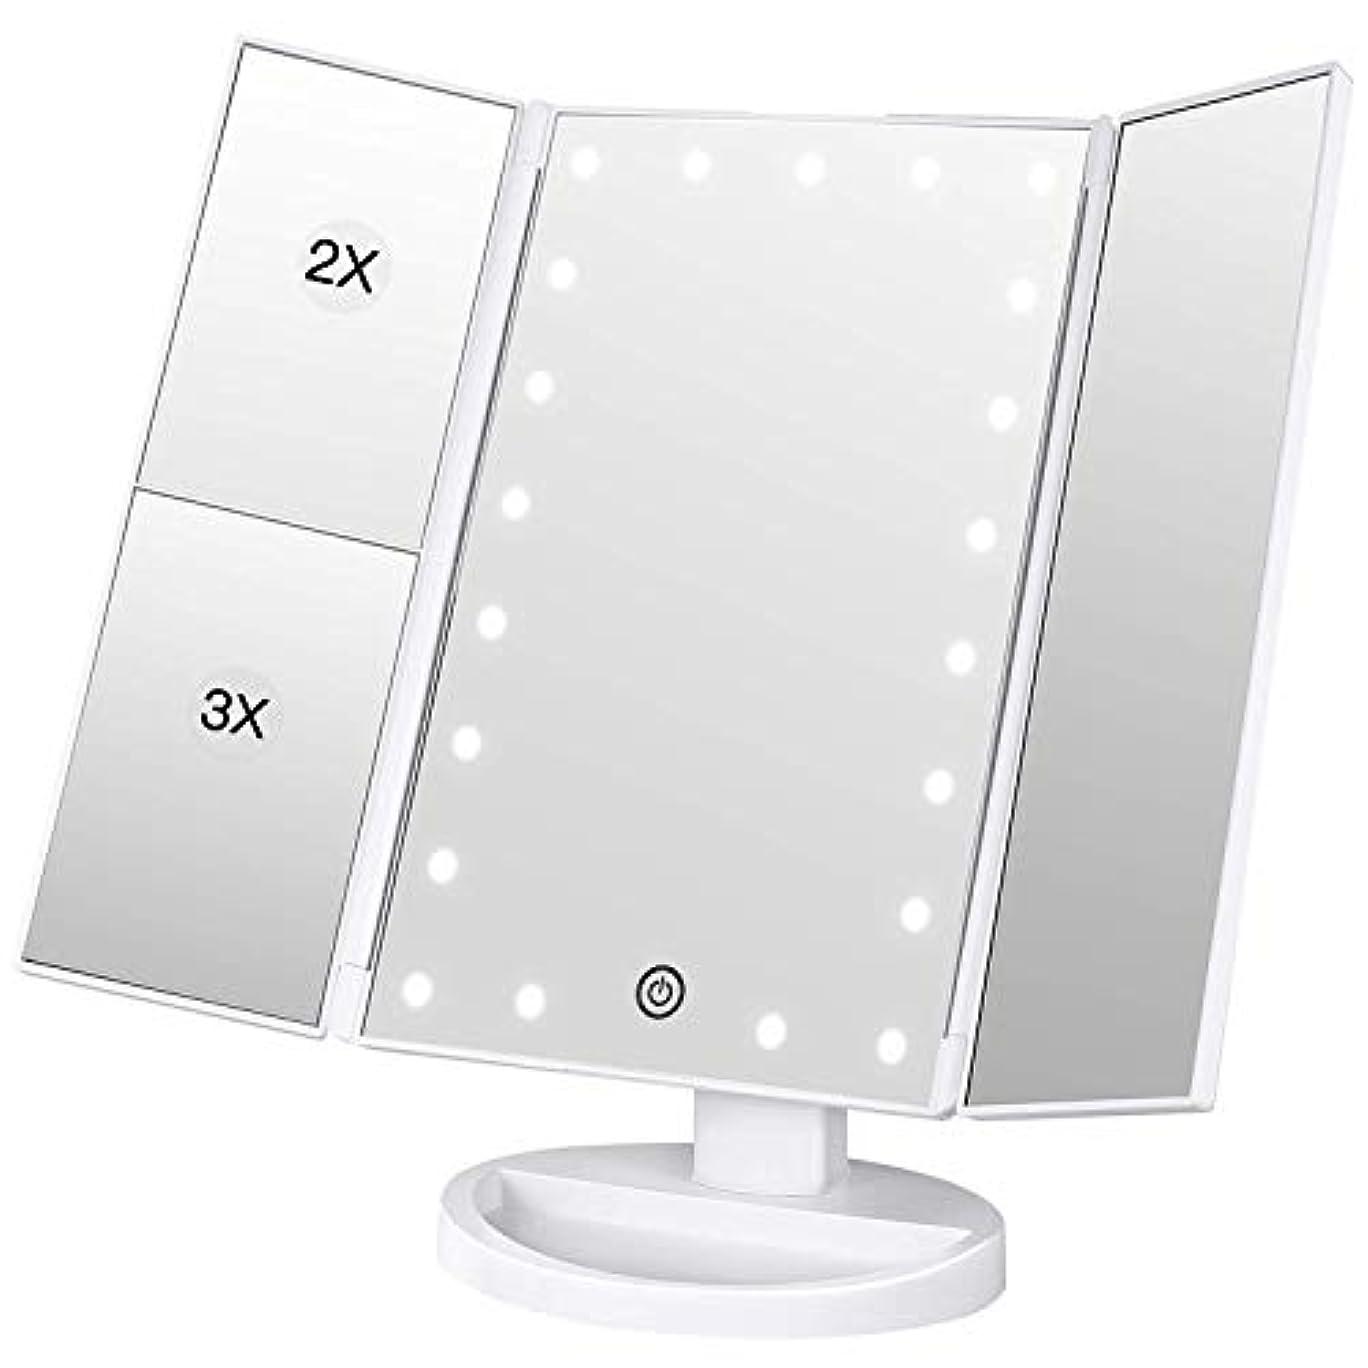 実際デコードする菊LED付き 化粧鏡 卓上 化粧ミラー 女優ミラー 鏡 三面鏡 折りたたみ 明るさ調整可能 拡大鏡 2&3倍 電池&USB 2WAY給電 ライトミラー ポータブル テーブル 持ち運べやすい 組み立て式 350°回転 24x34cm...